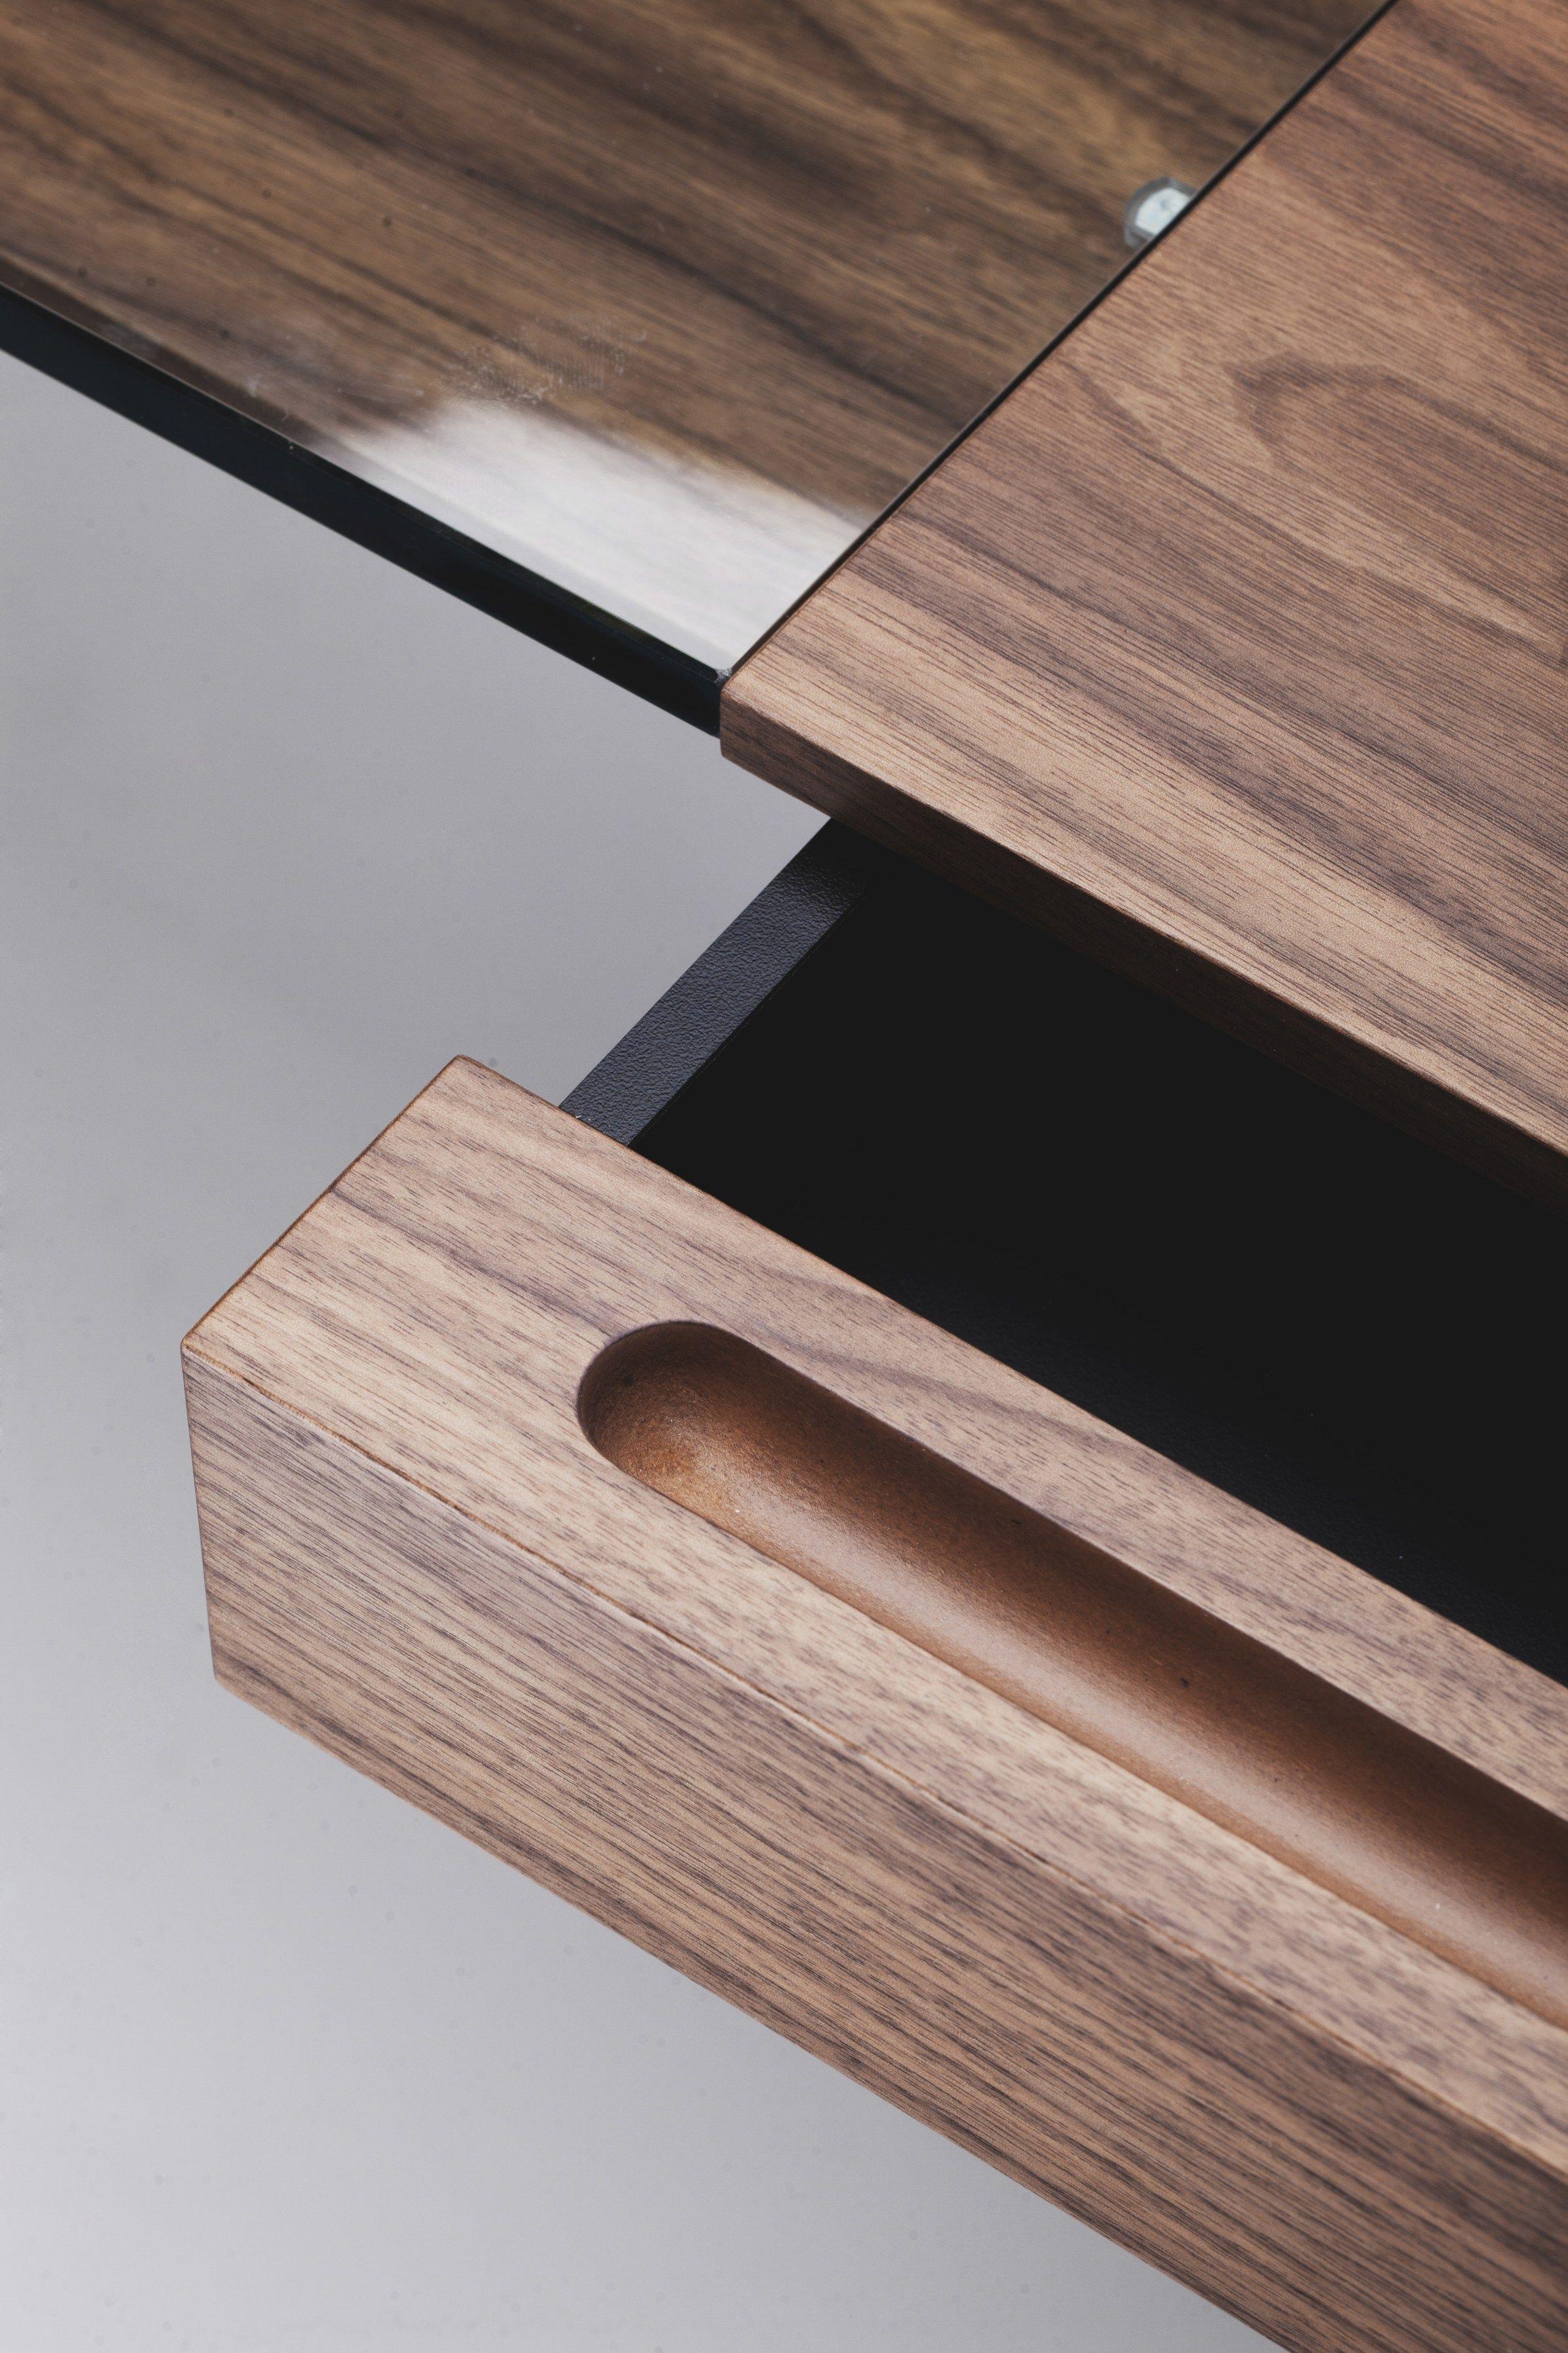 Schreibtisch Aus Holzfurnier Mit Schubladen COSIMO WALNUT CANALETTO By  Adentro Design Marco Zanuso